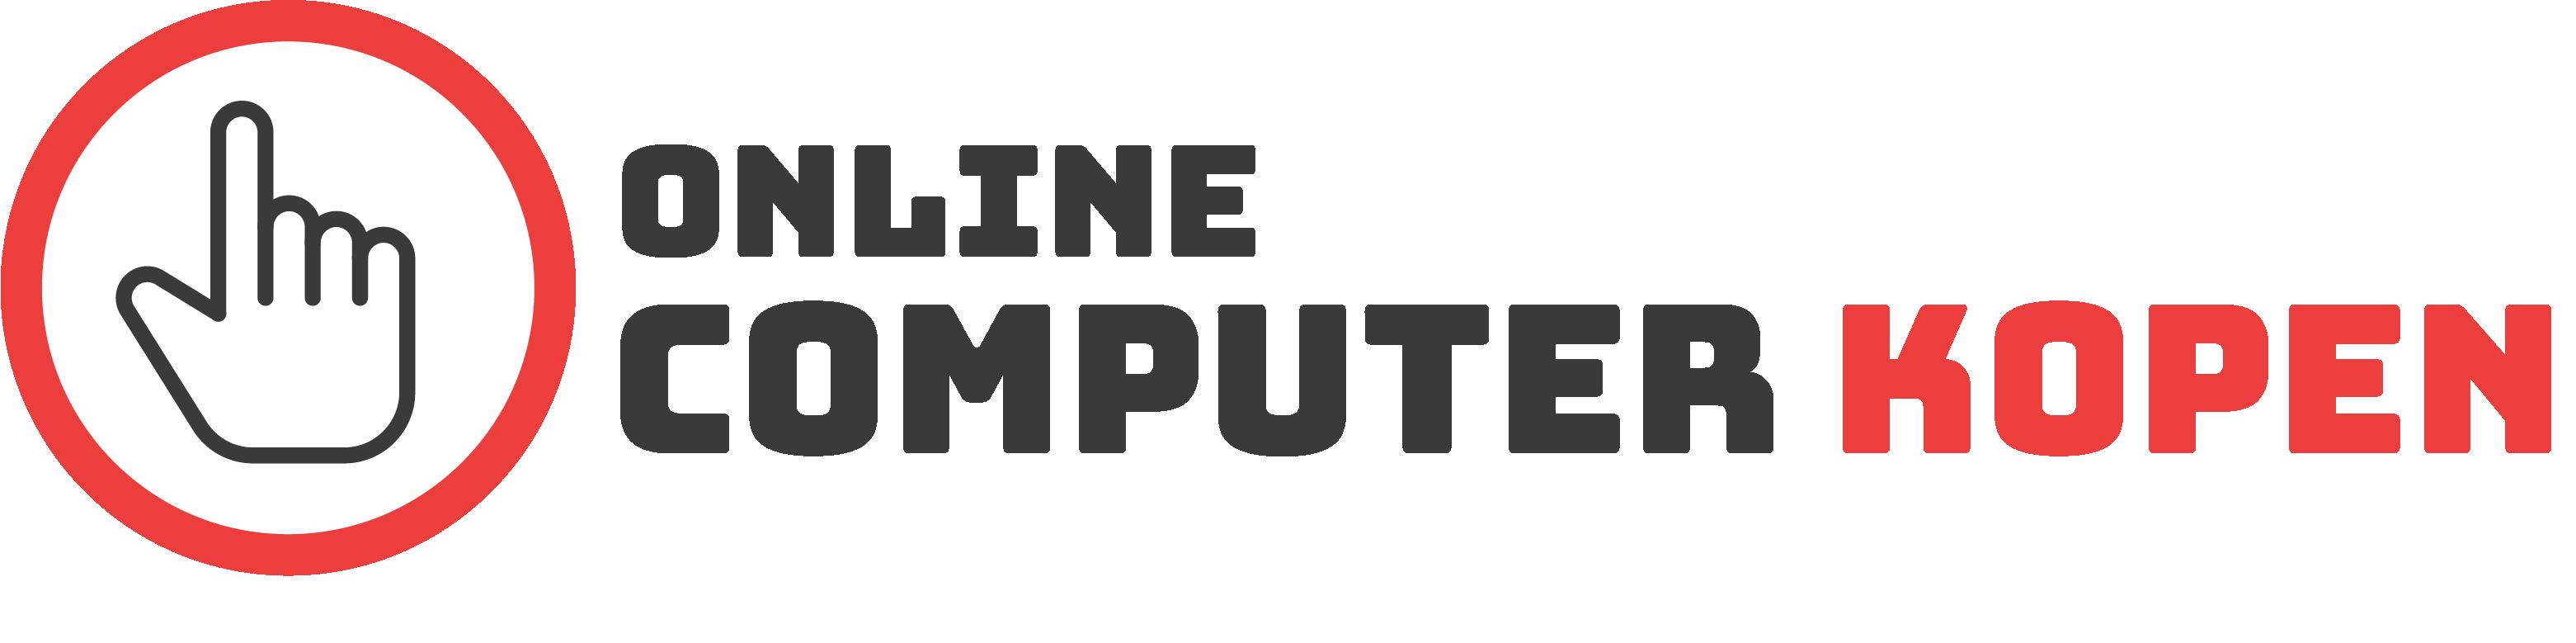 Online Computer Kopen